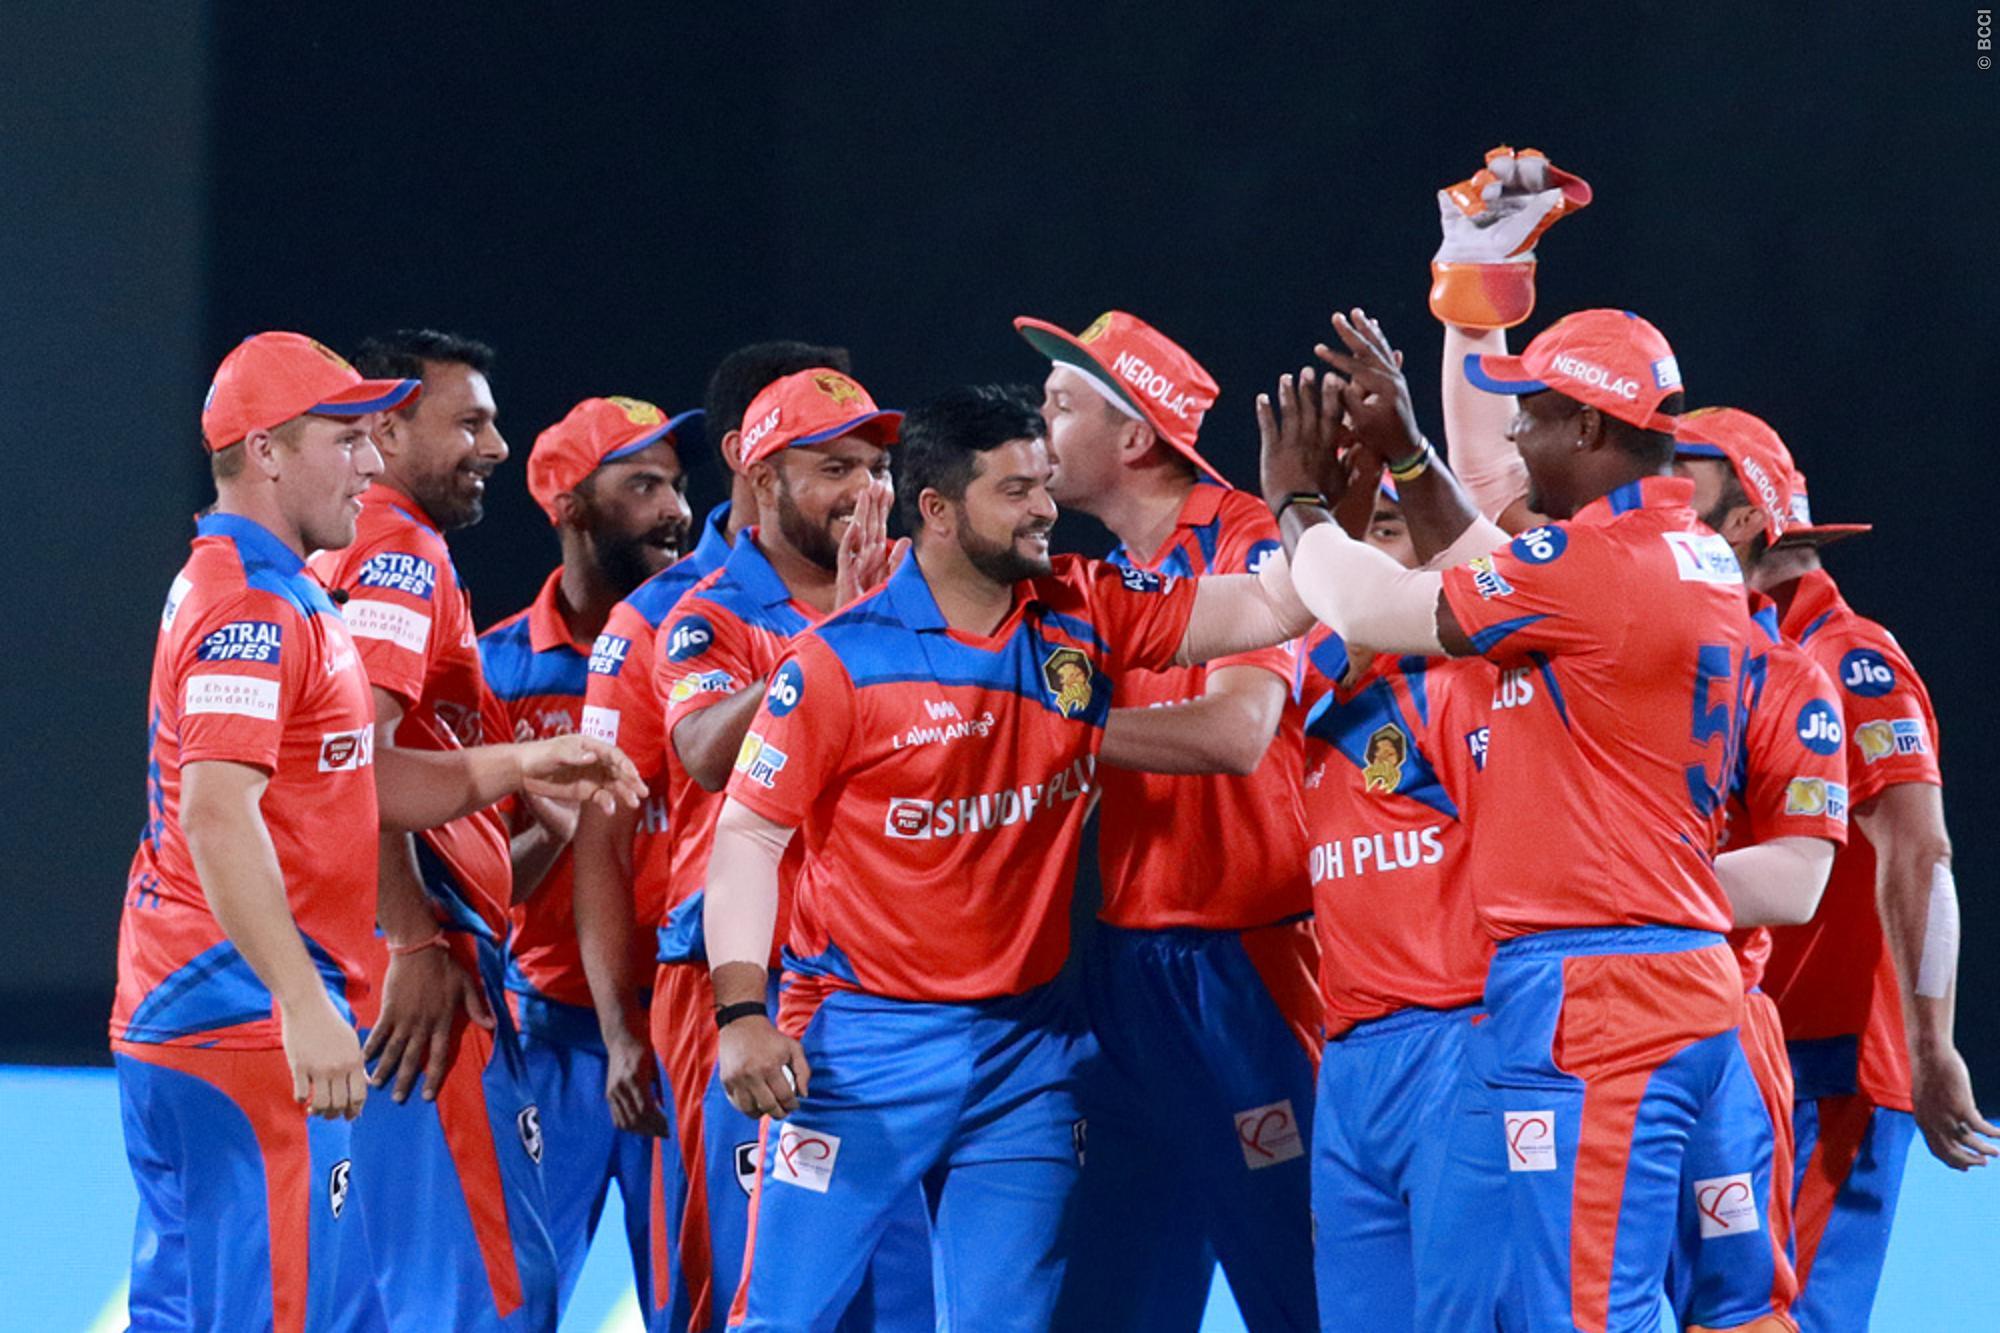 आईपीएल बनता जा रहा है विवादों की लीग, हर साल देखने को मिलता है कुछ नया विवाद 4